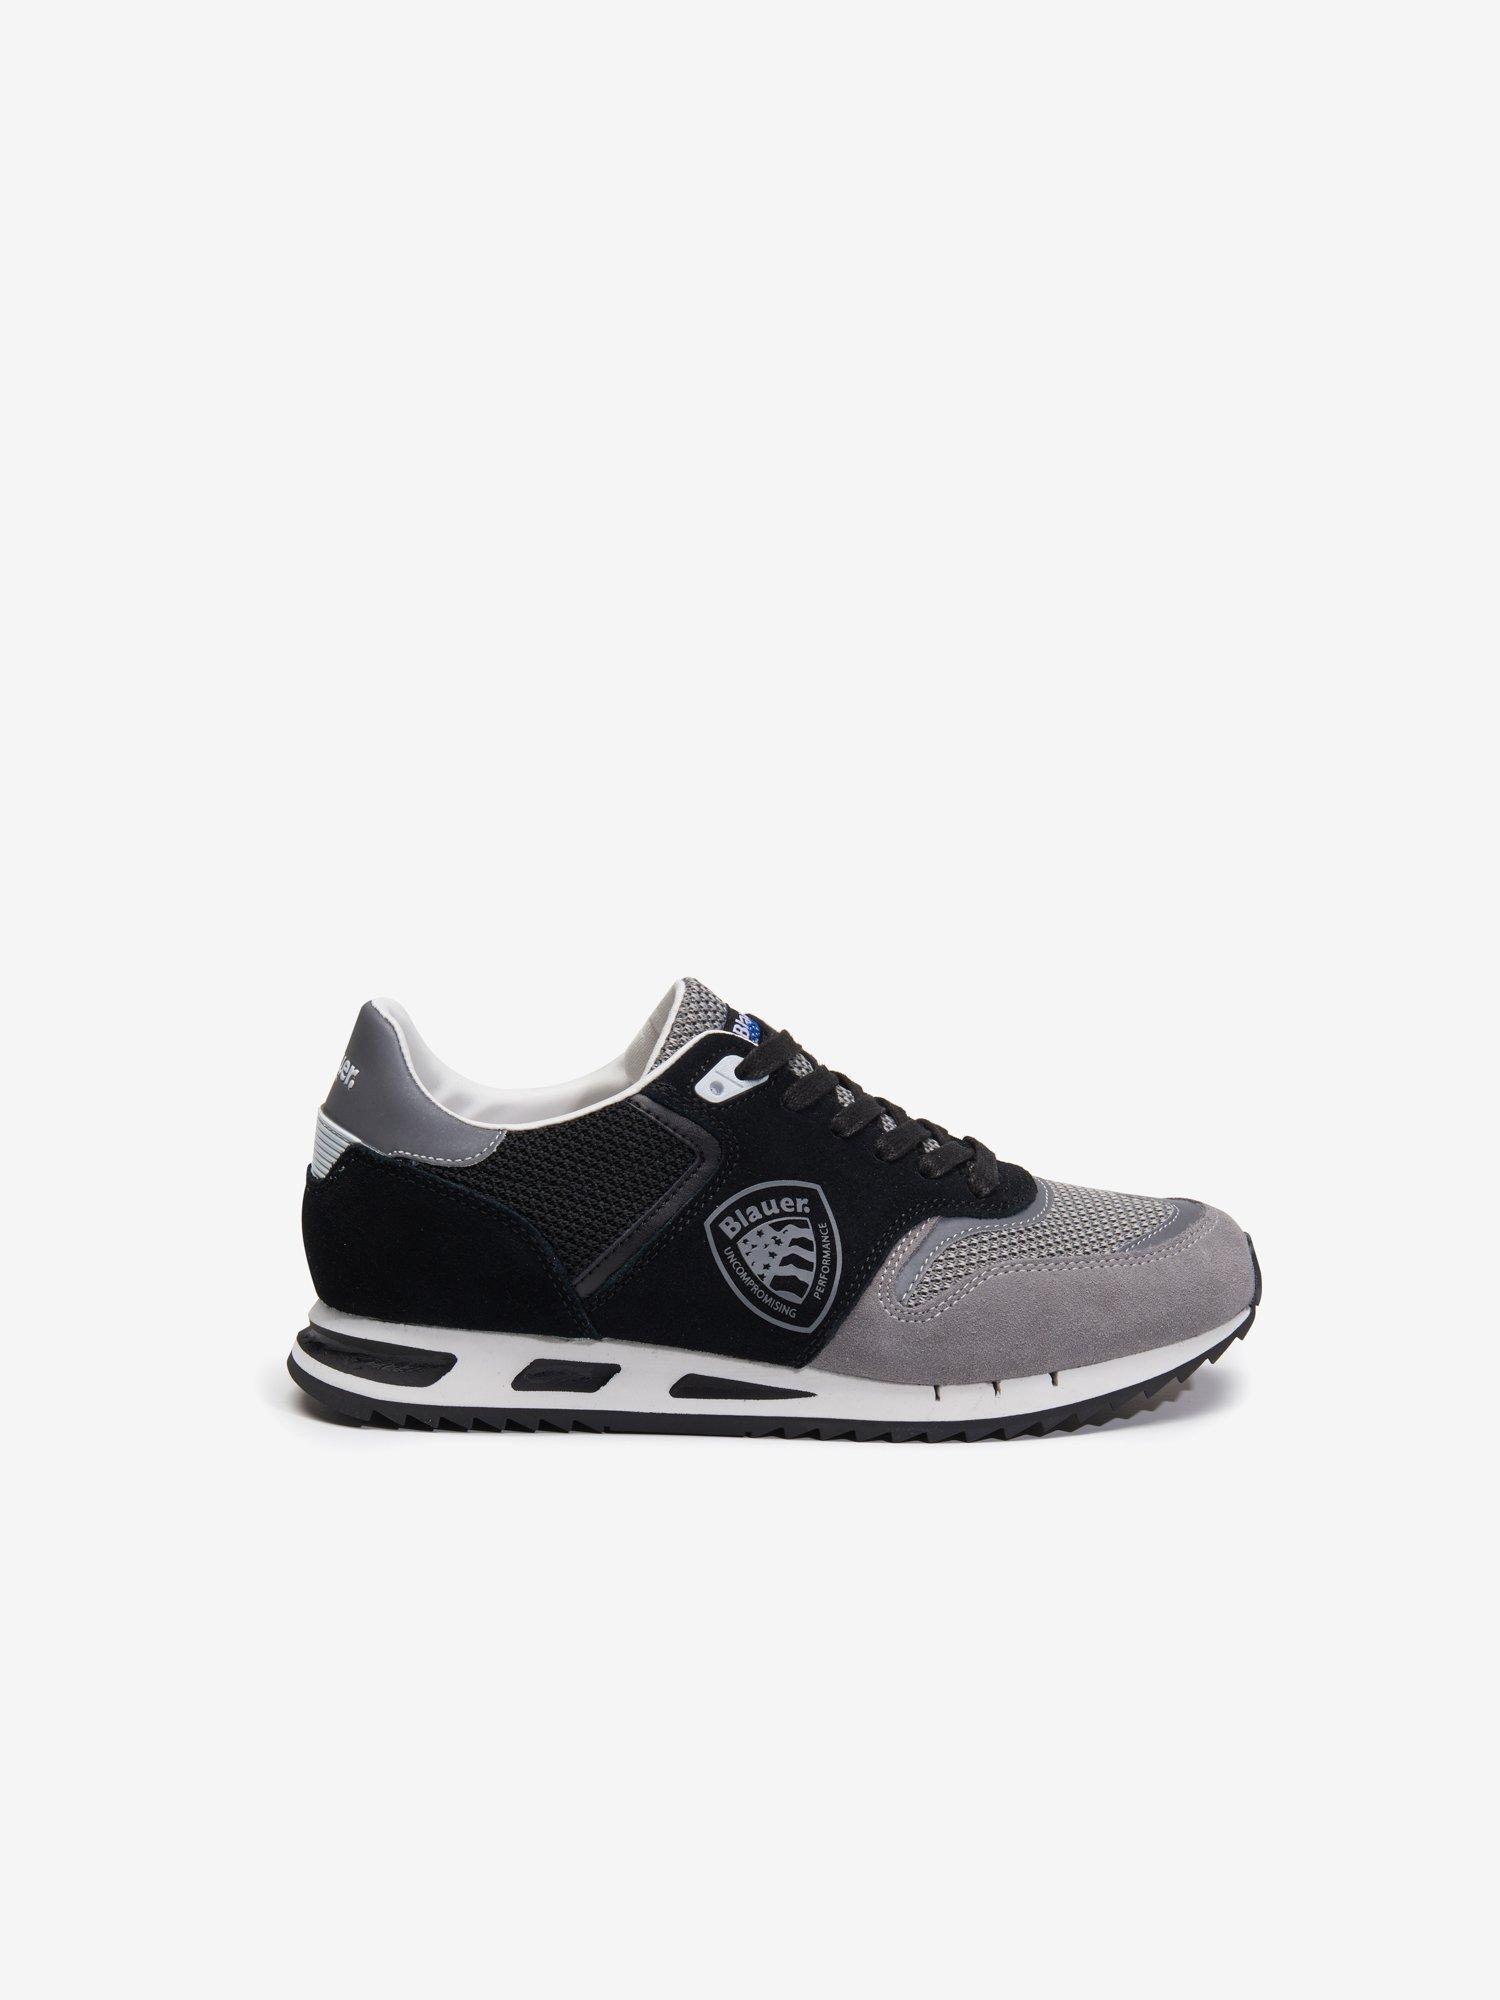 E Sneakers OnlineUsa Blauer Scarpe Uomo Acquista ® SzMpUV